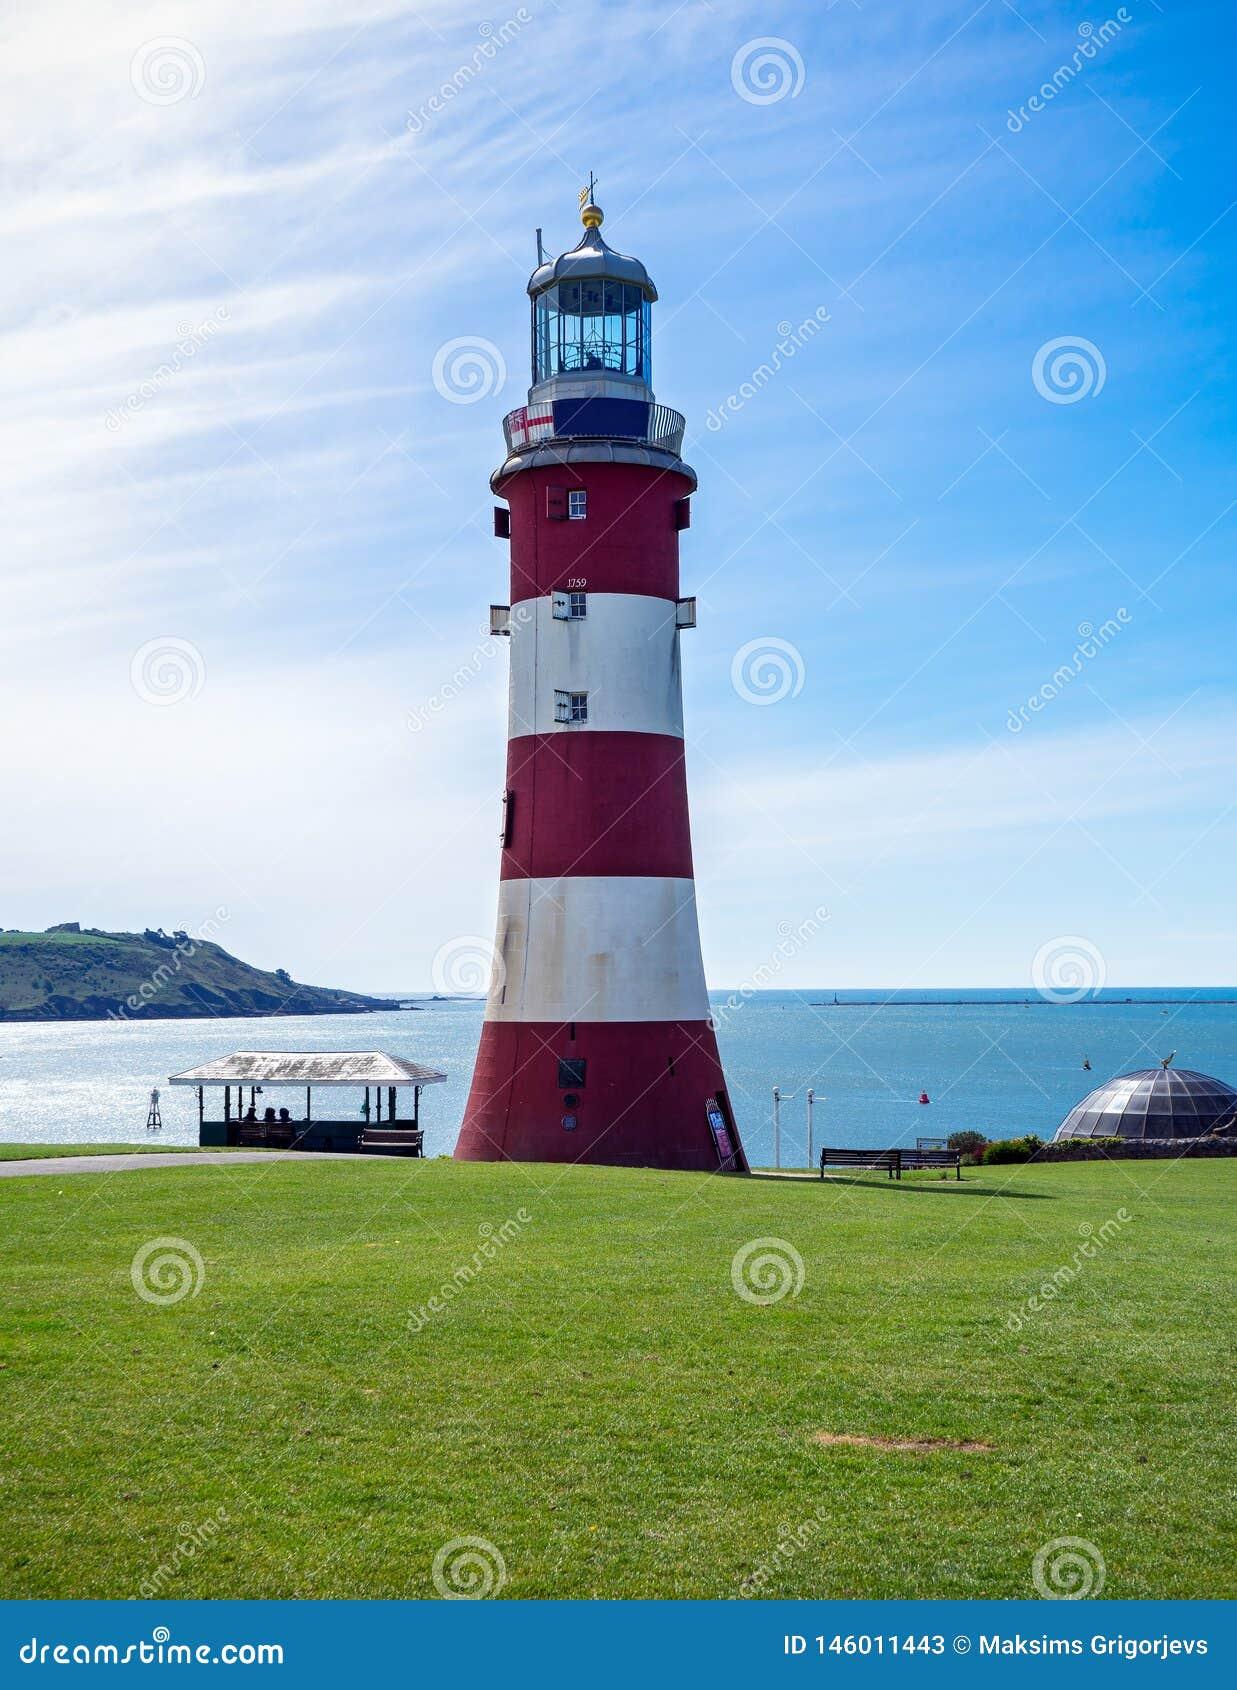 Smeatons Turm-, Roter und weißerleuchtturm in Plymouth, Großbritannien, am 3. Mai 2018